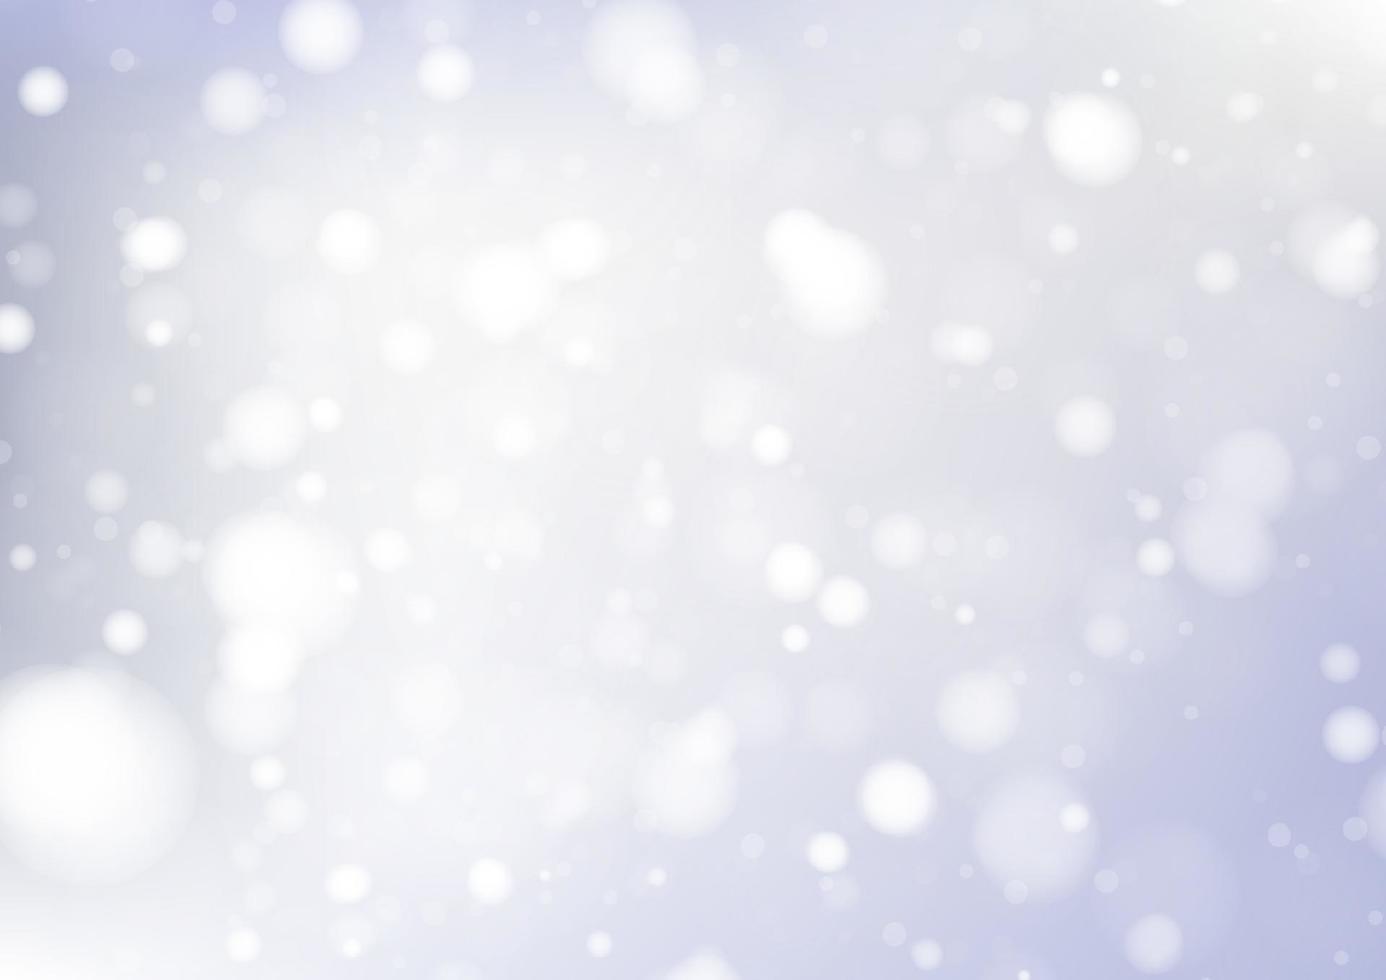 vrolijk kerstfeest achtergrond met witte bokeh lichten voor vakantie poster, banner, kaart. vector illustratie